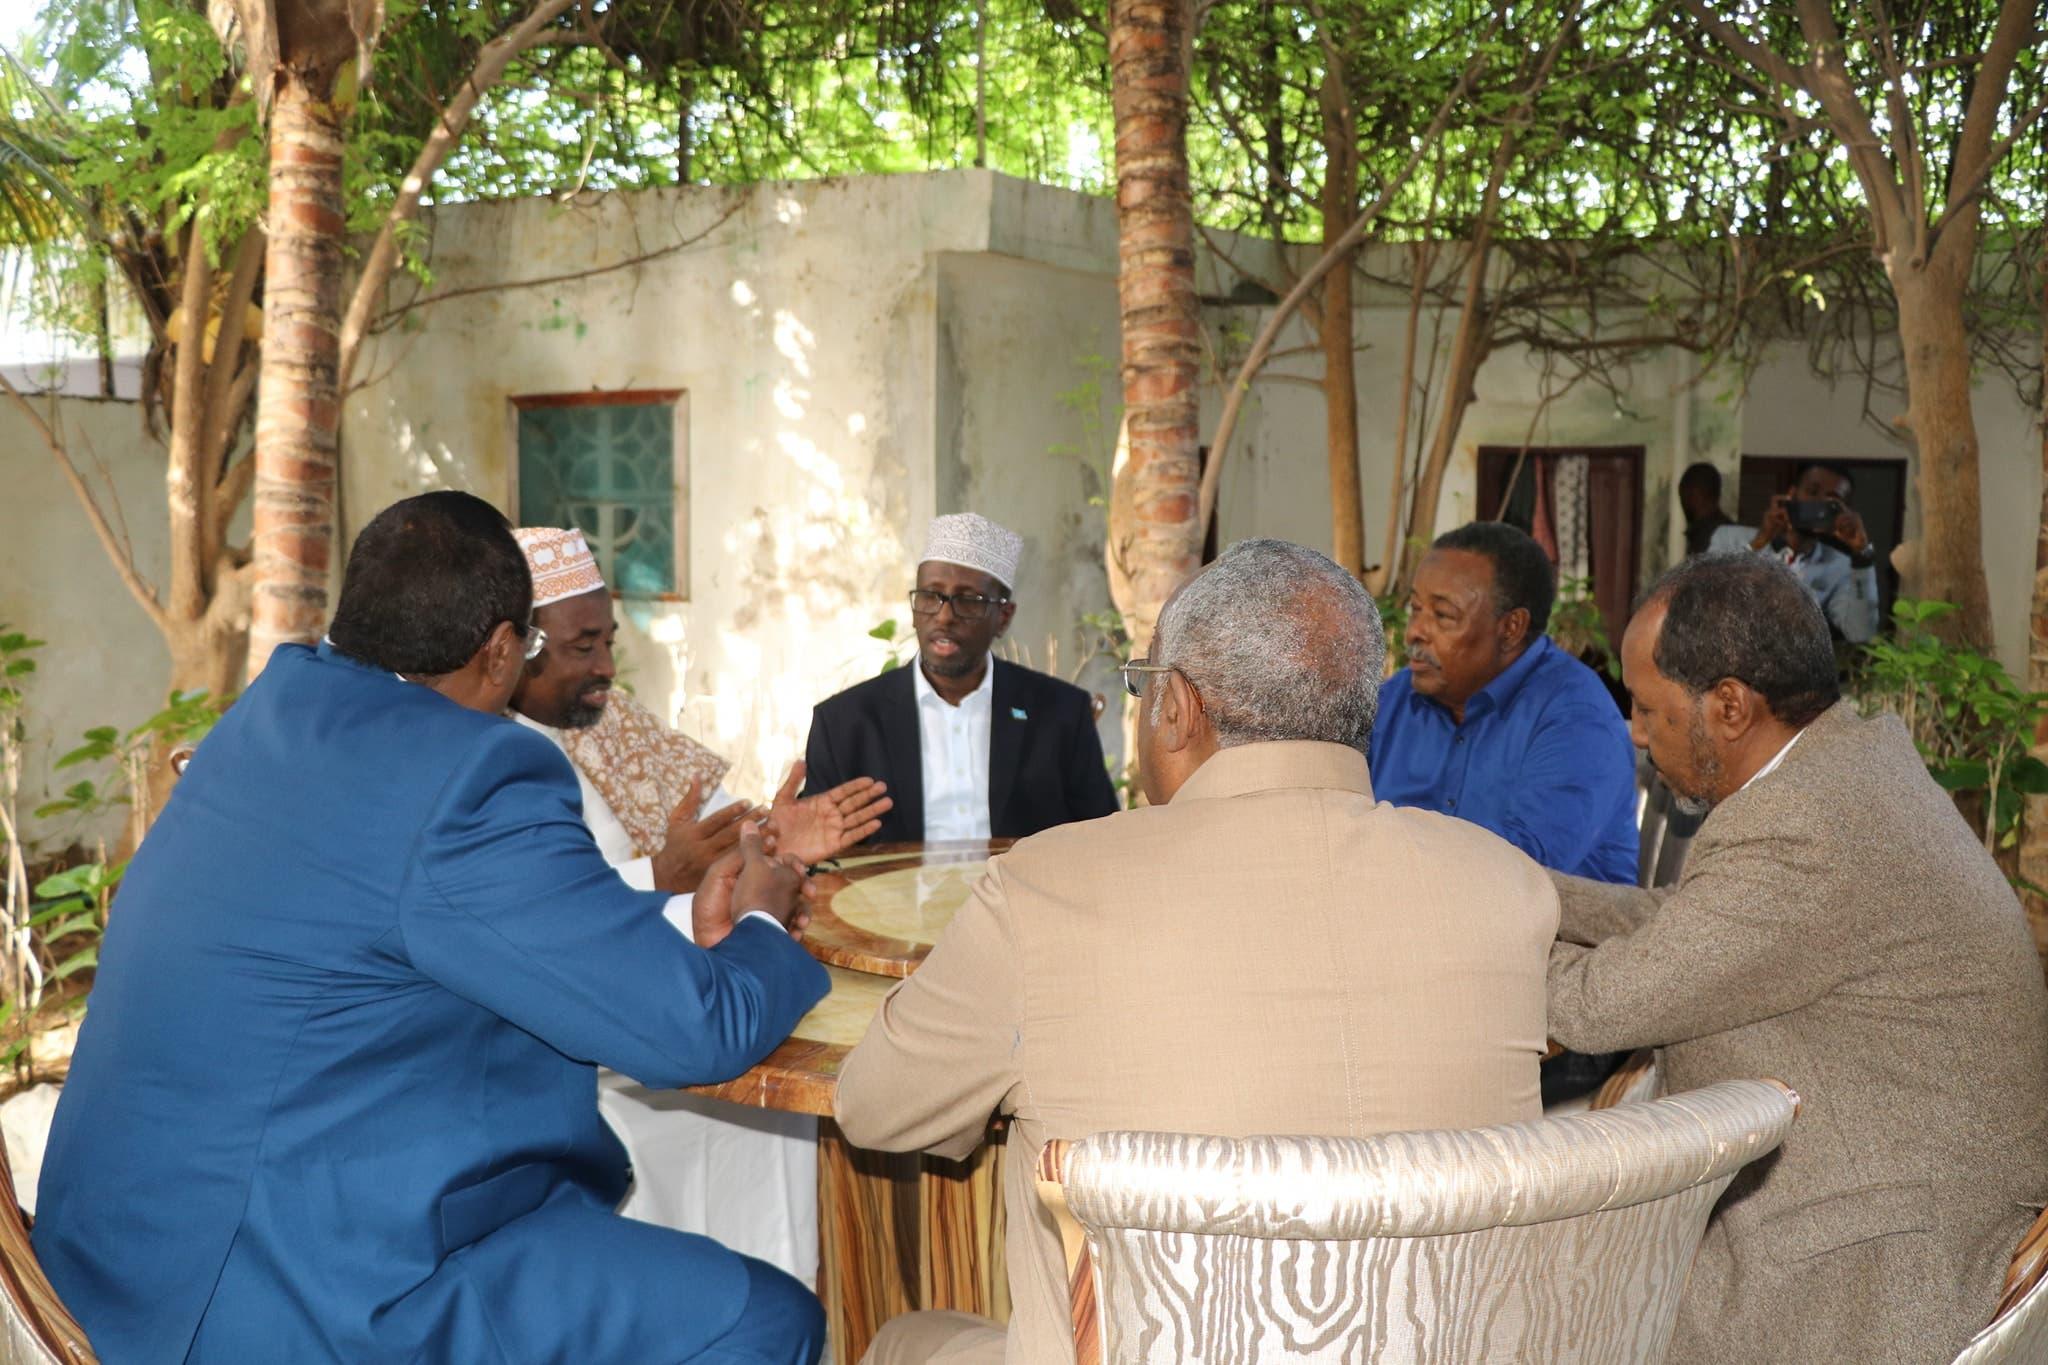 Sawirro: Cali Mahdi, Shariif iyo Xasan oo Muqdisho kula kulmay Waare + Ujeedka